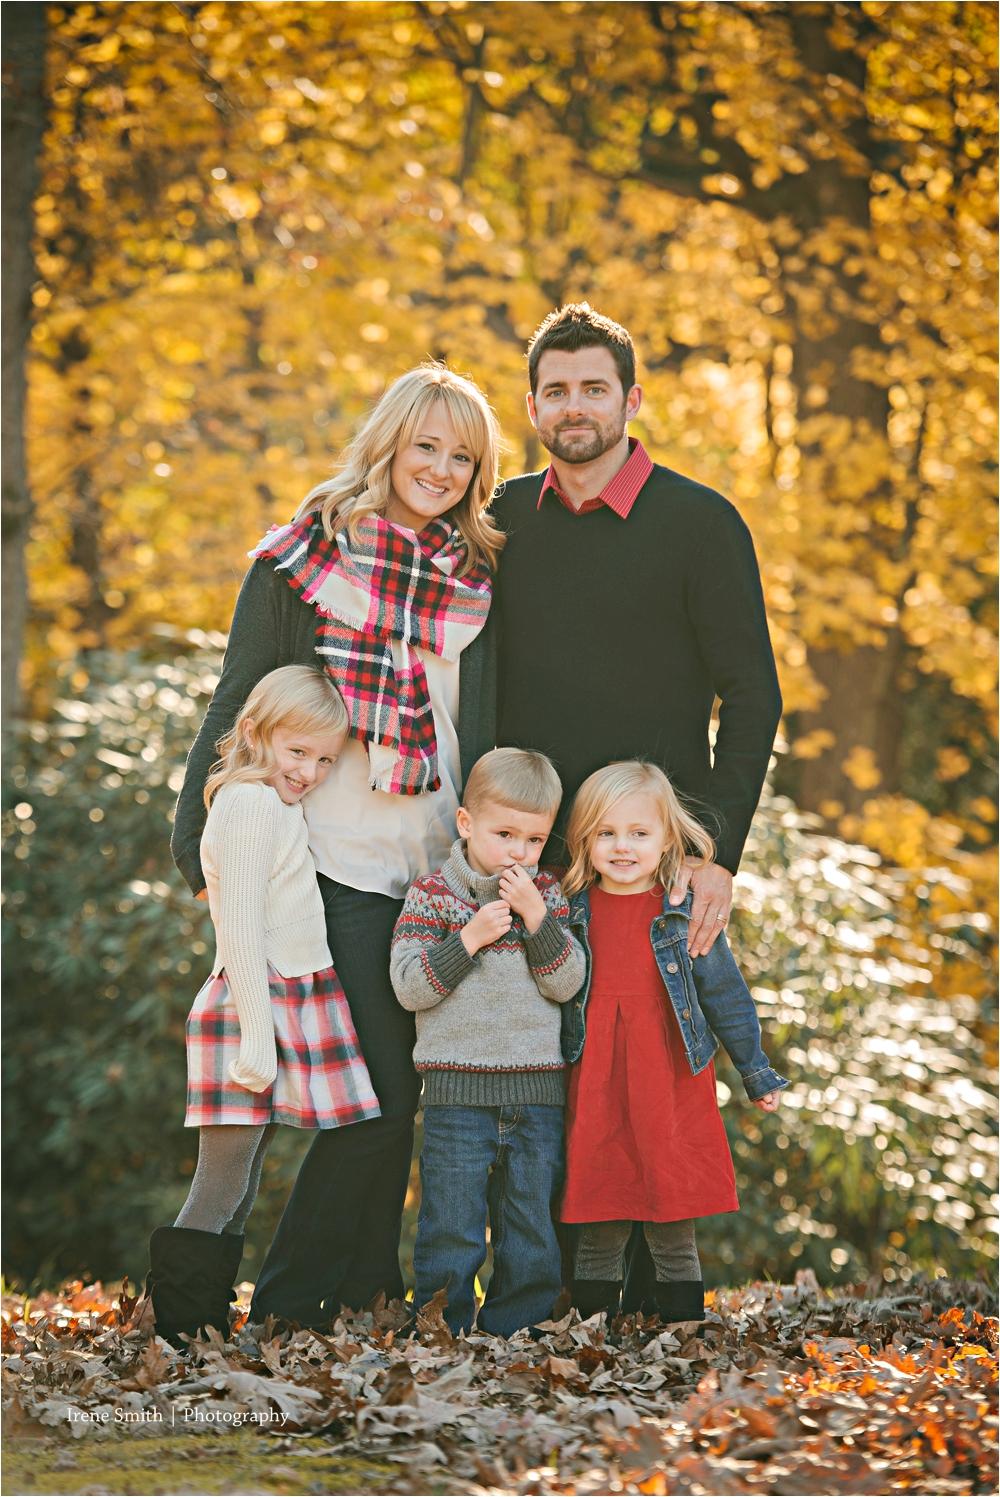 Family-Fall-Photography-Franklin-Oil-City-Pennsylvania_0008.jpg